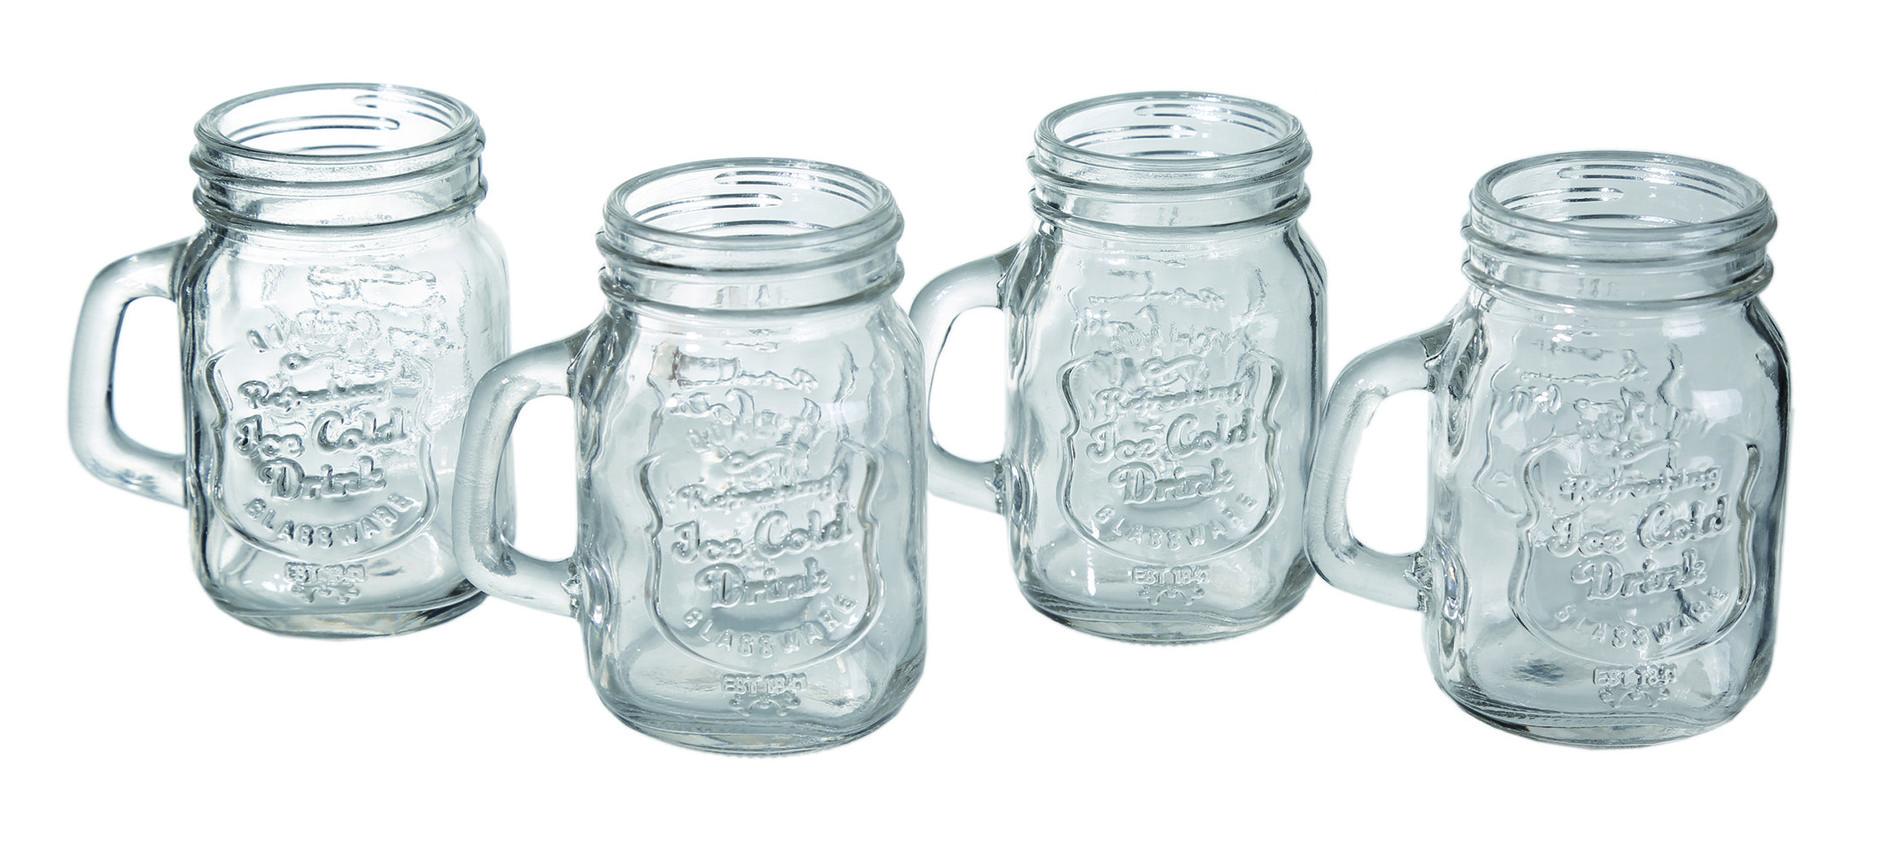 Panáky zavařovací sklenice Panáky zavařovací sklenice